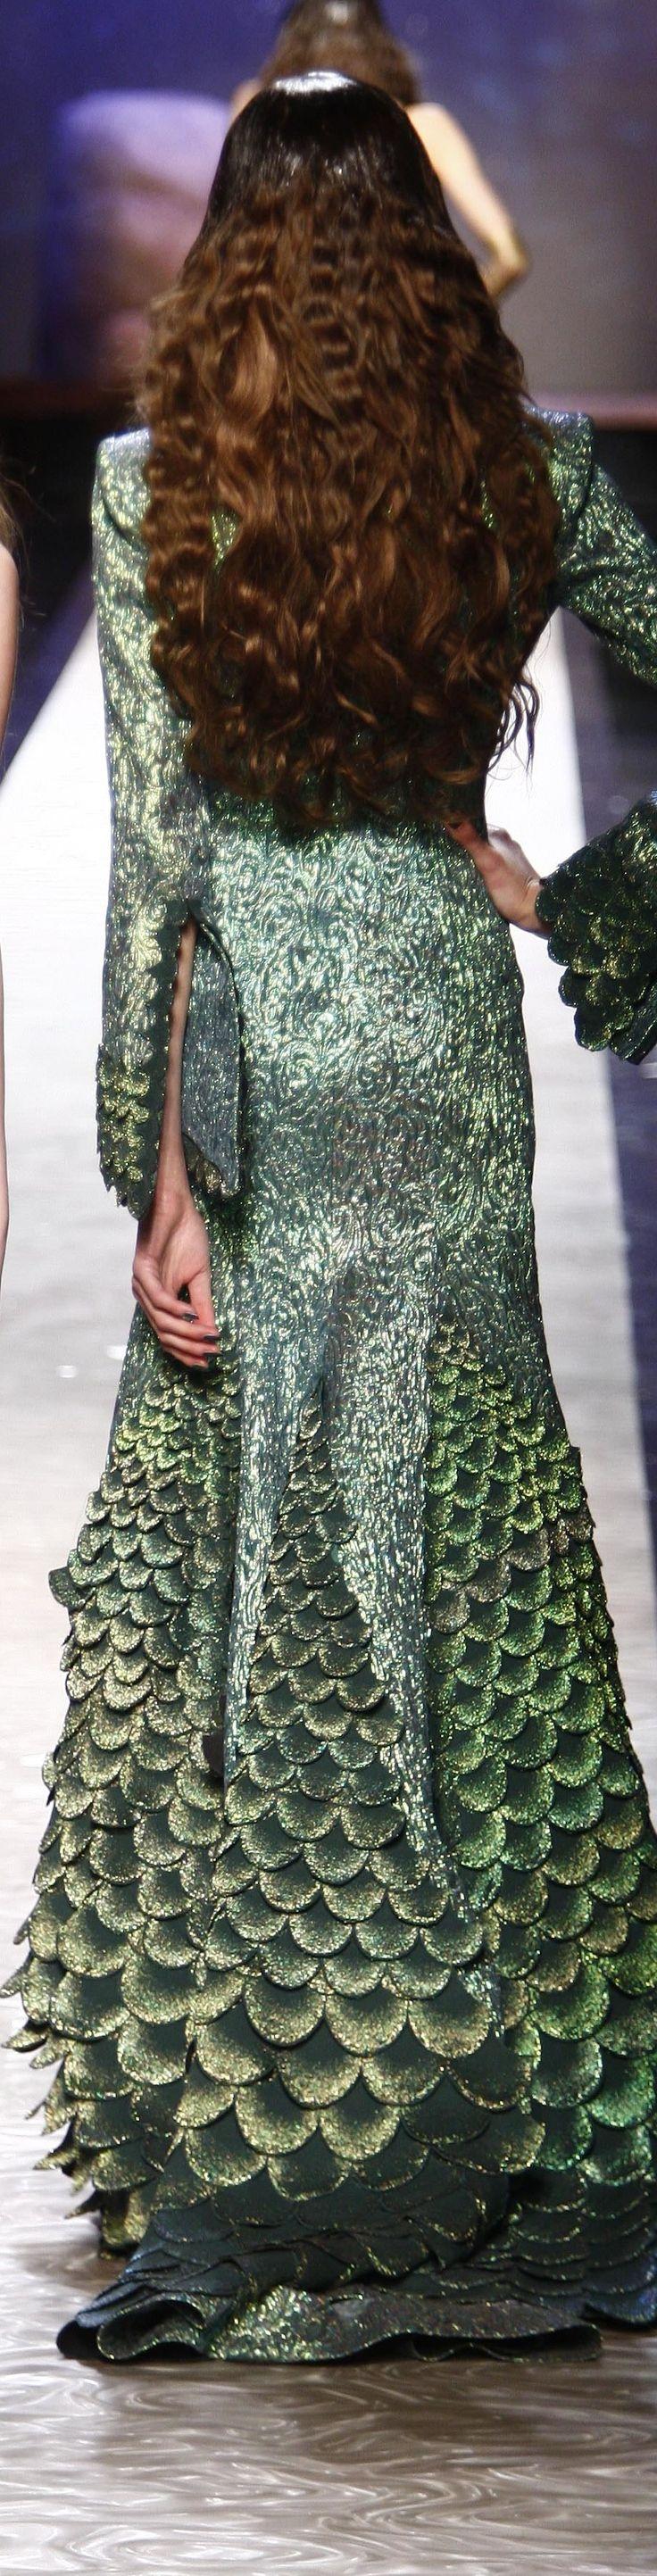 Jean Paul Gaultier ~ Mermaid Style Evening Dress, Multi Green